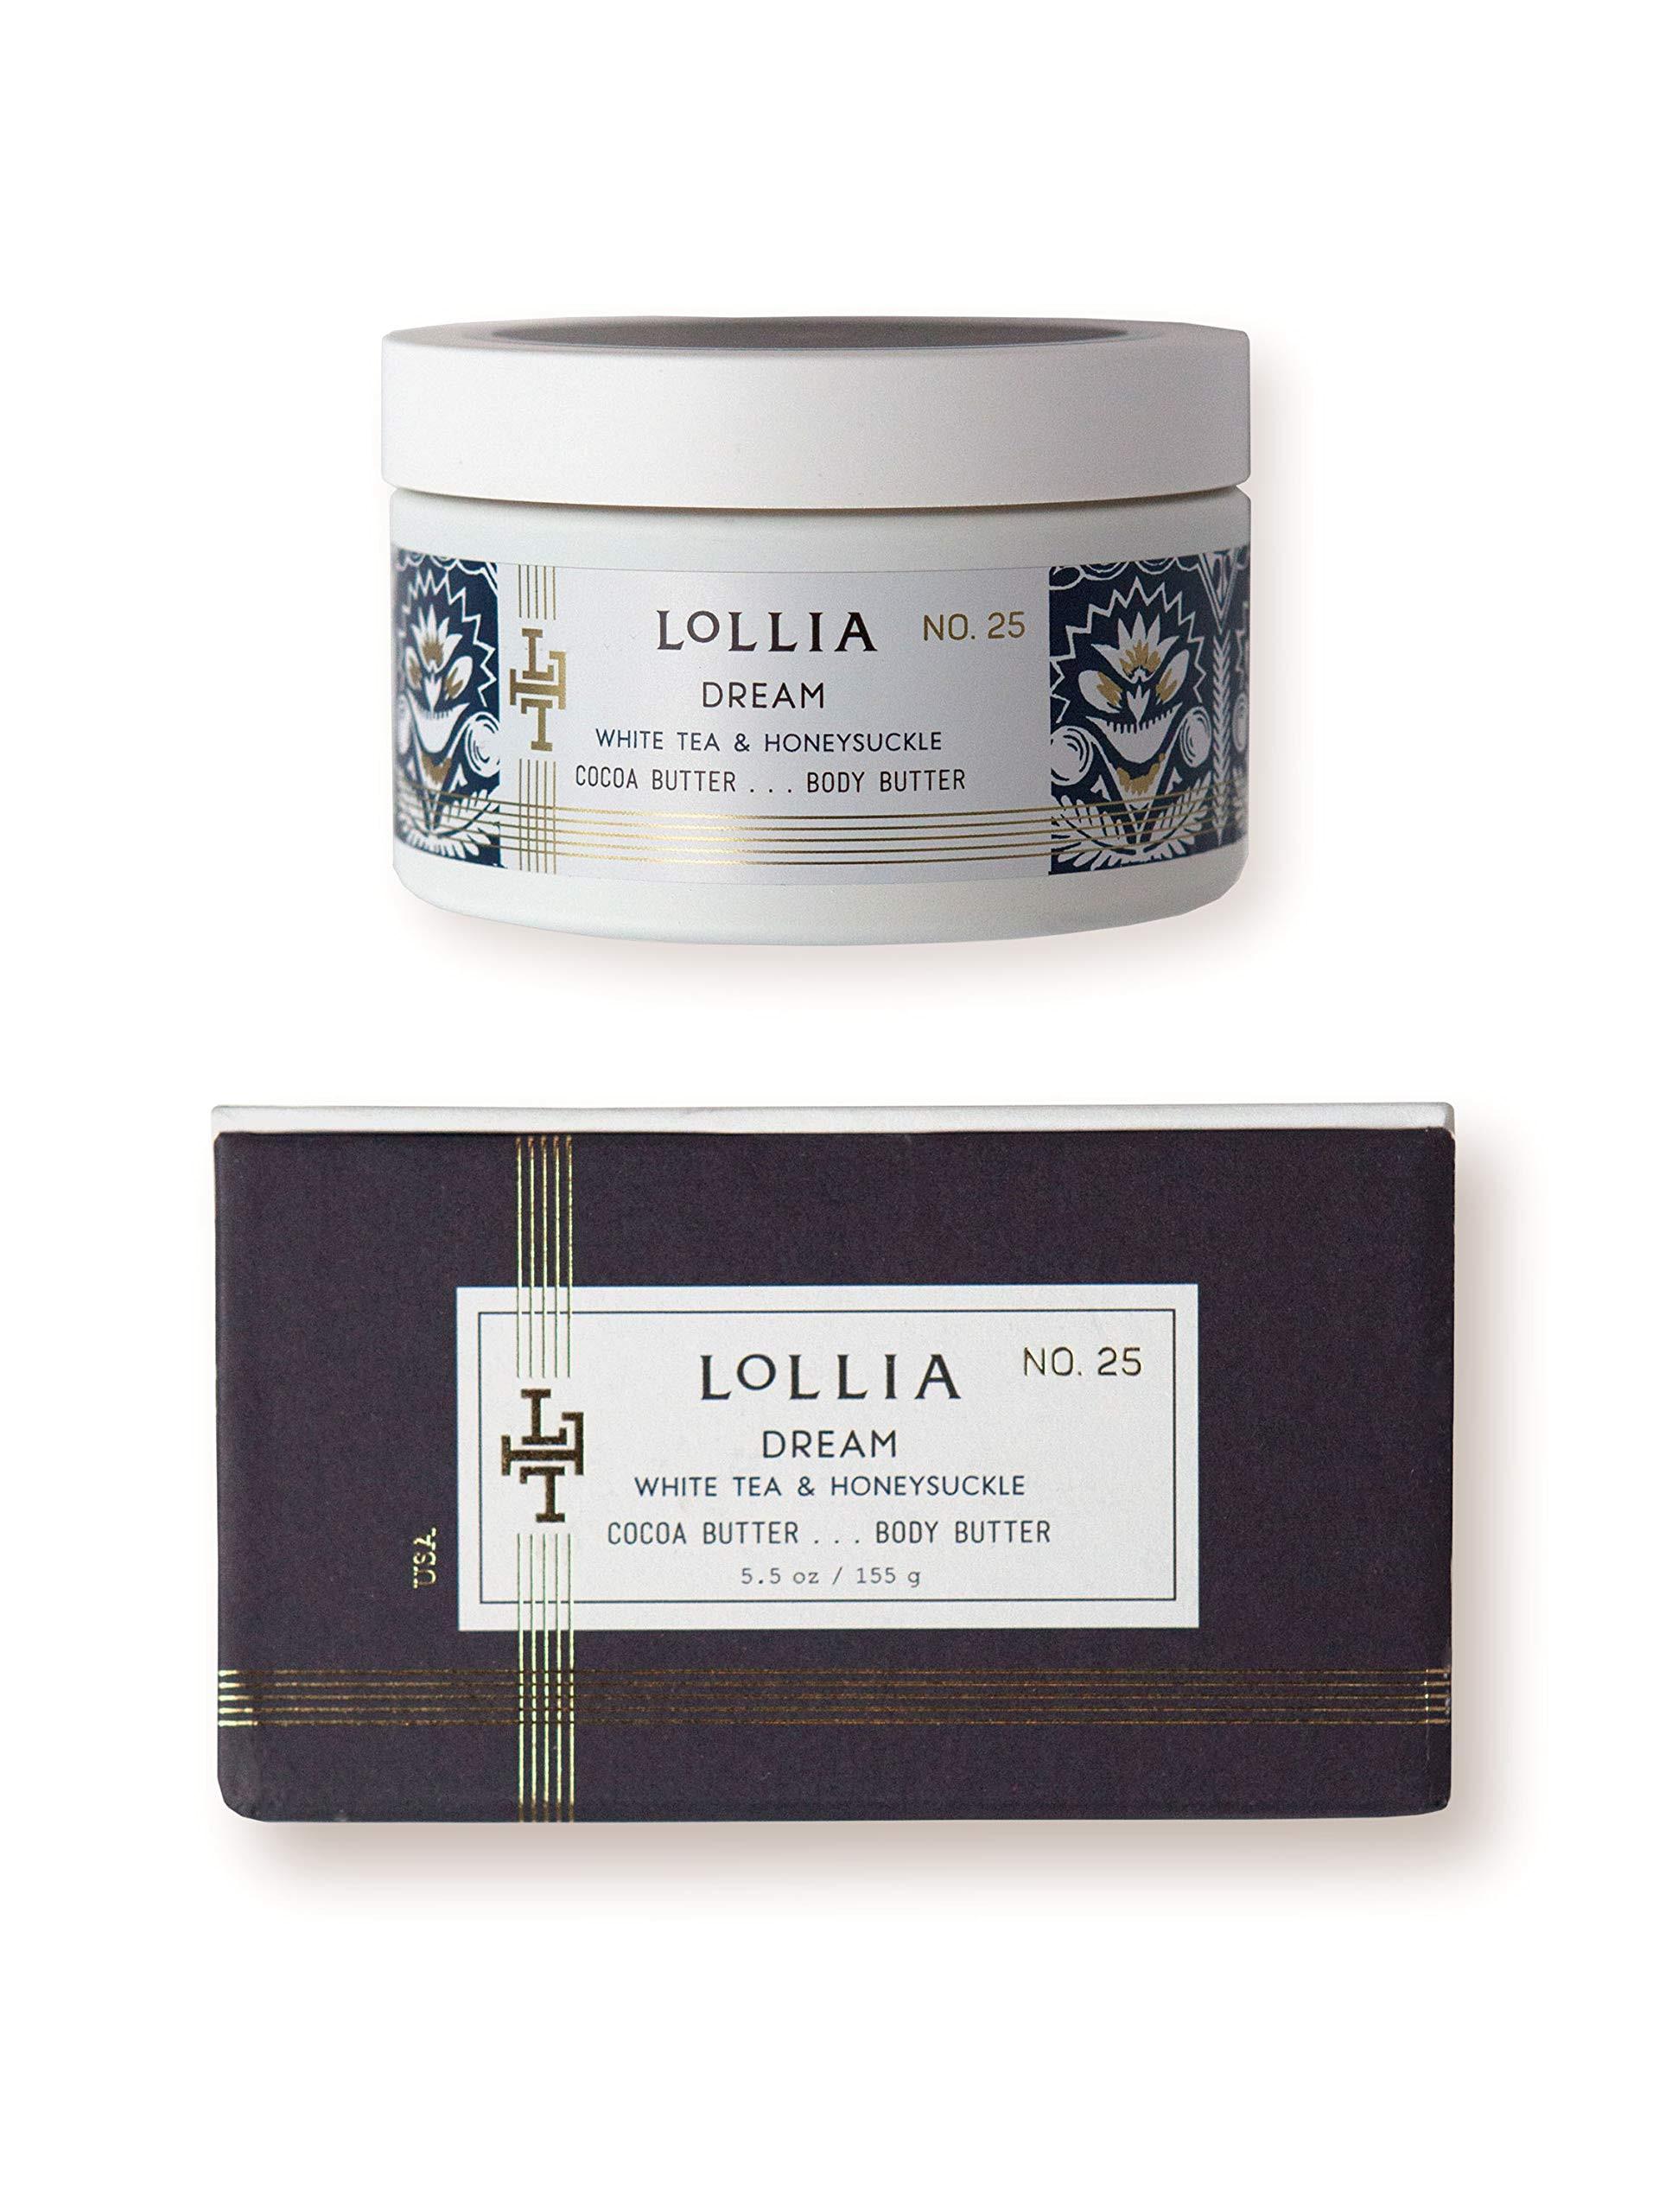 lollia dream whipped body butter margot elena s white tea honeysuckle body cream 5 5 oz